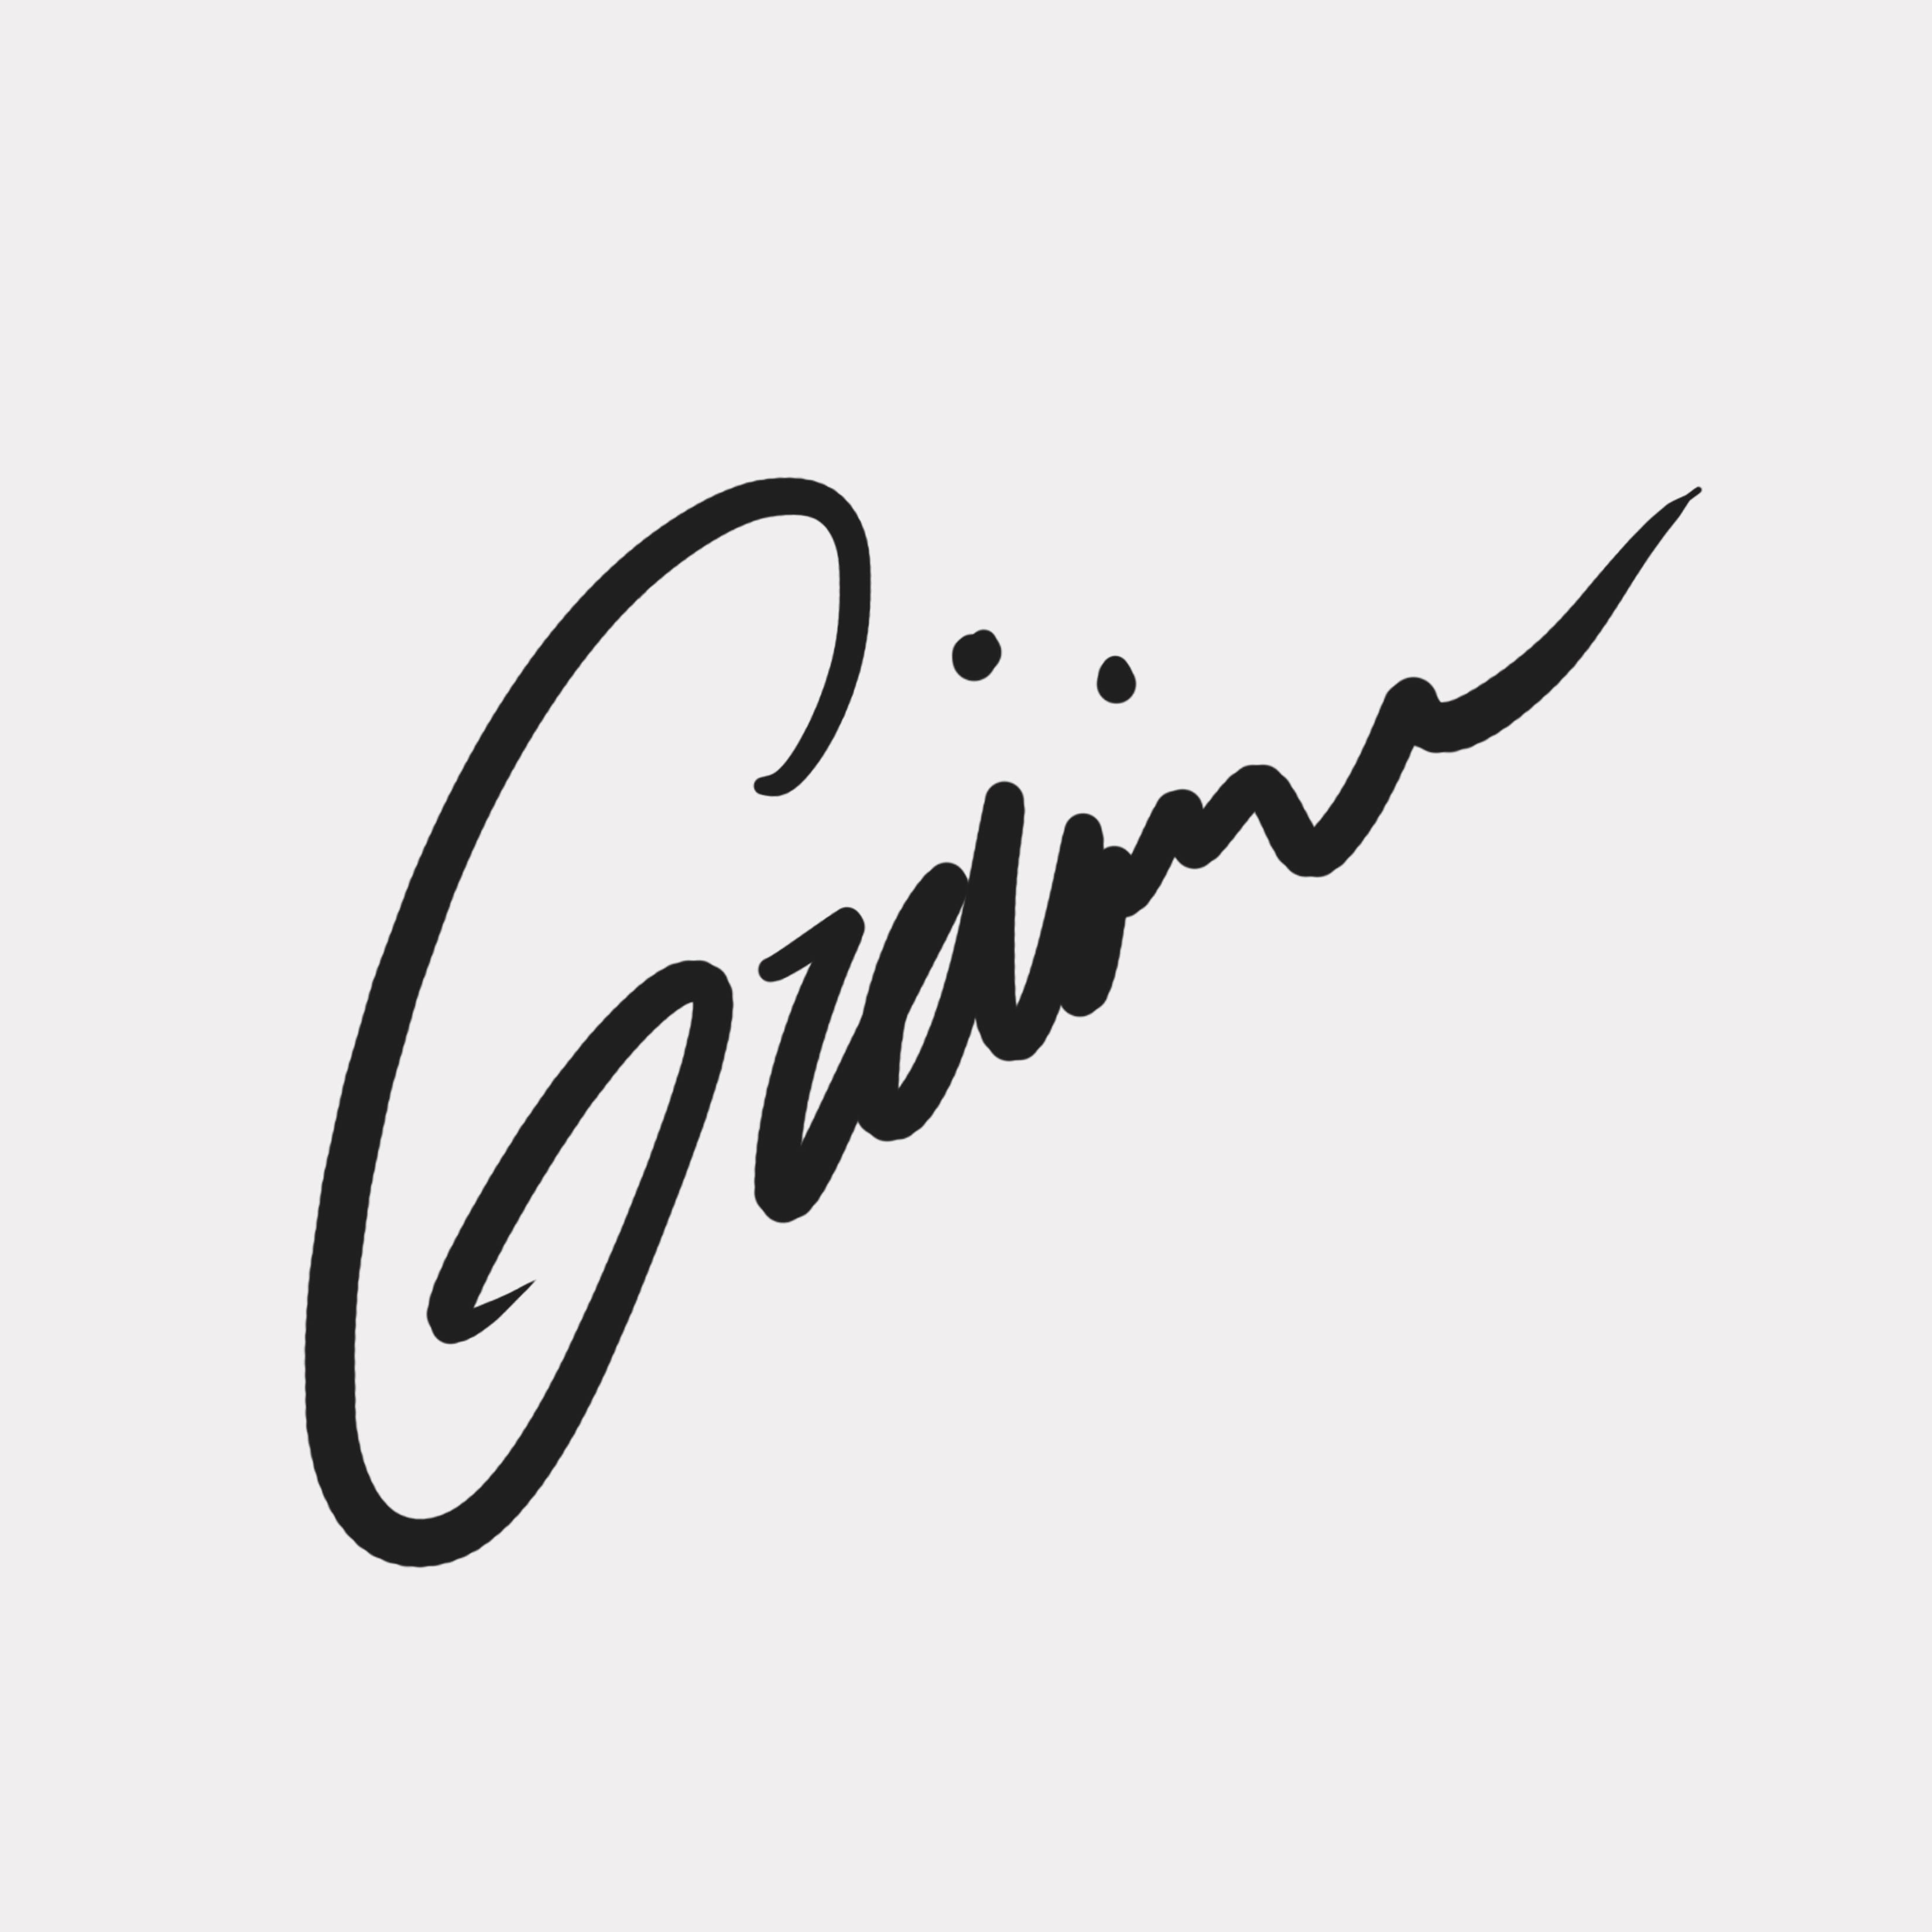 GReivin cruz's Signature